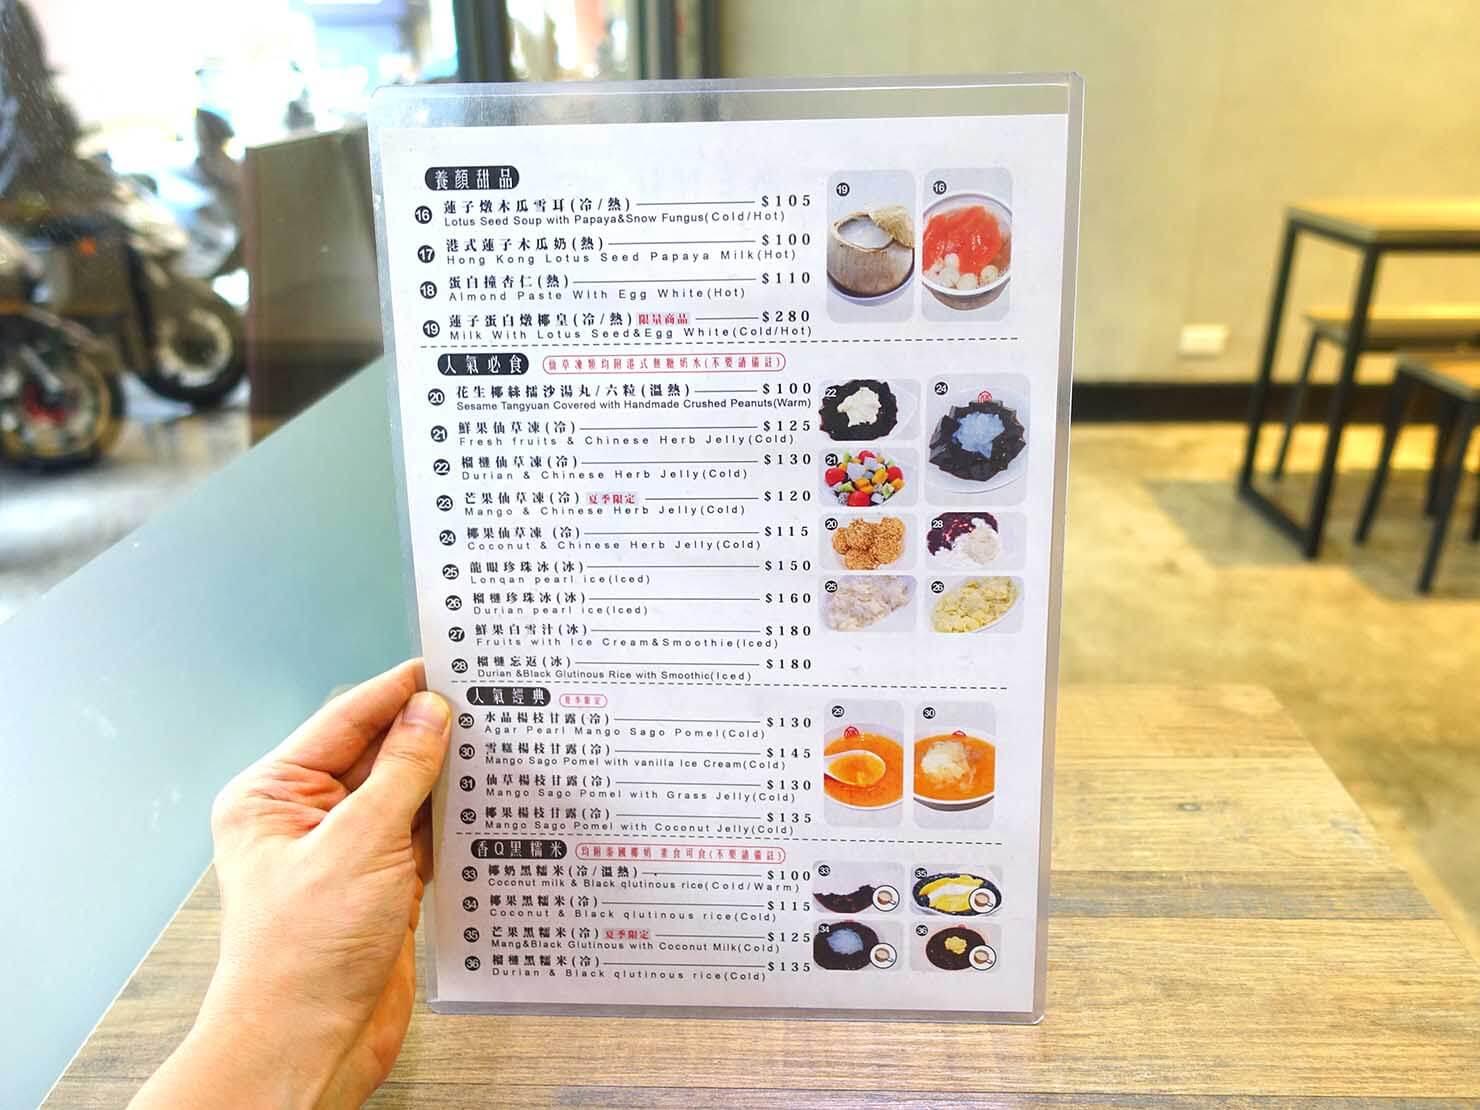 台北・南京復興駅周辺のおすすめグルメ店「滿哥甜品坊」のメニュー裏